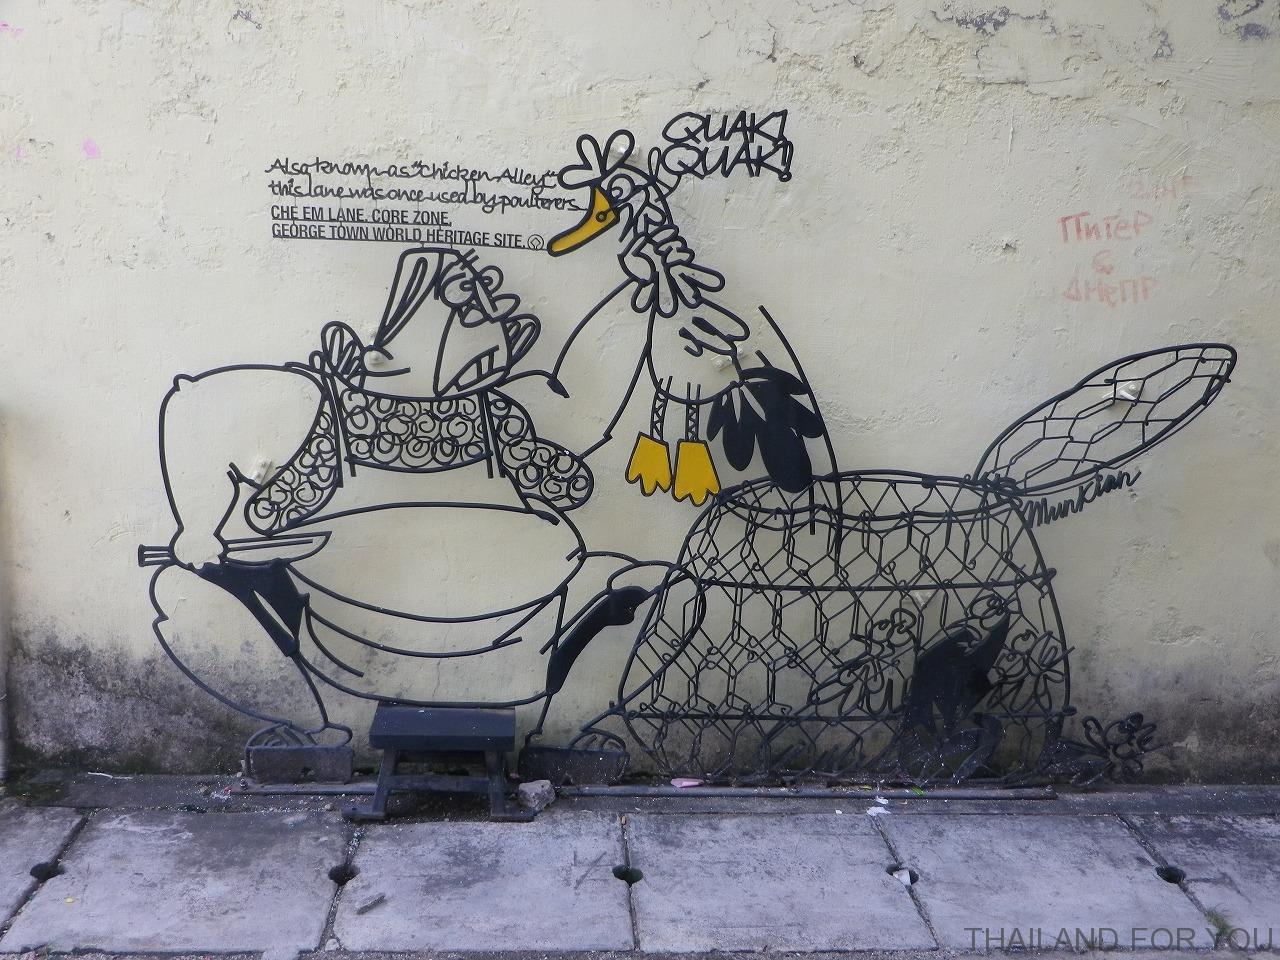 ペナンのストリートアートの写真